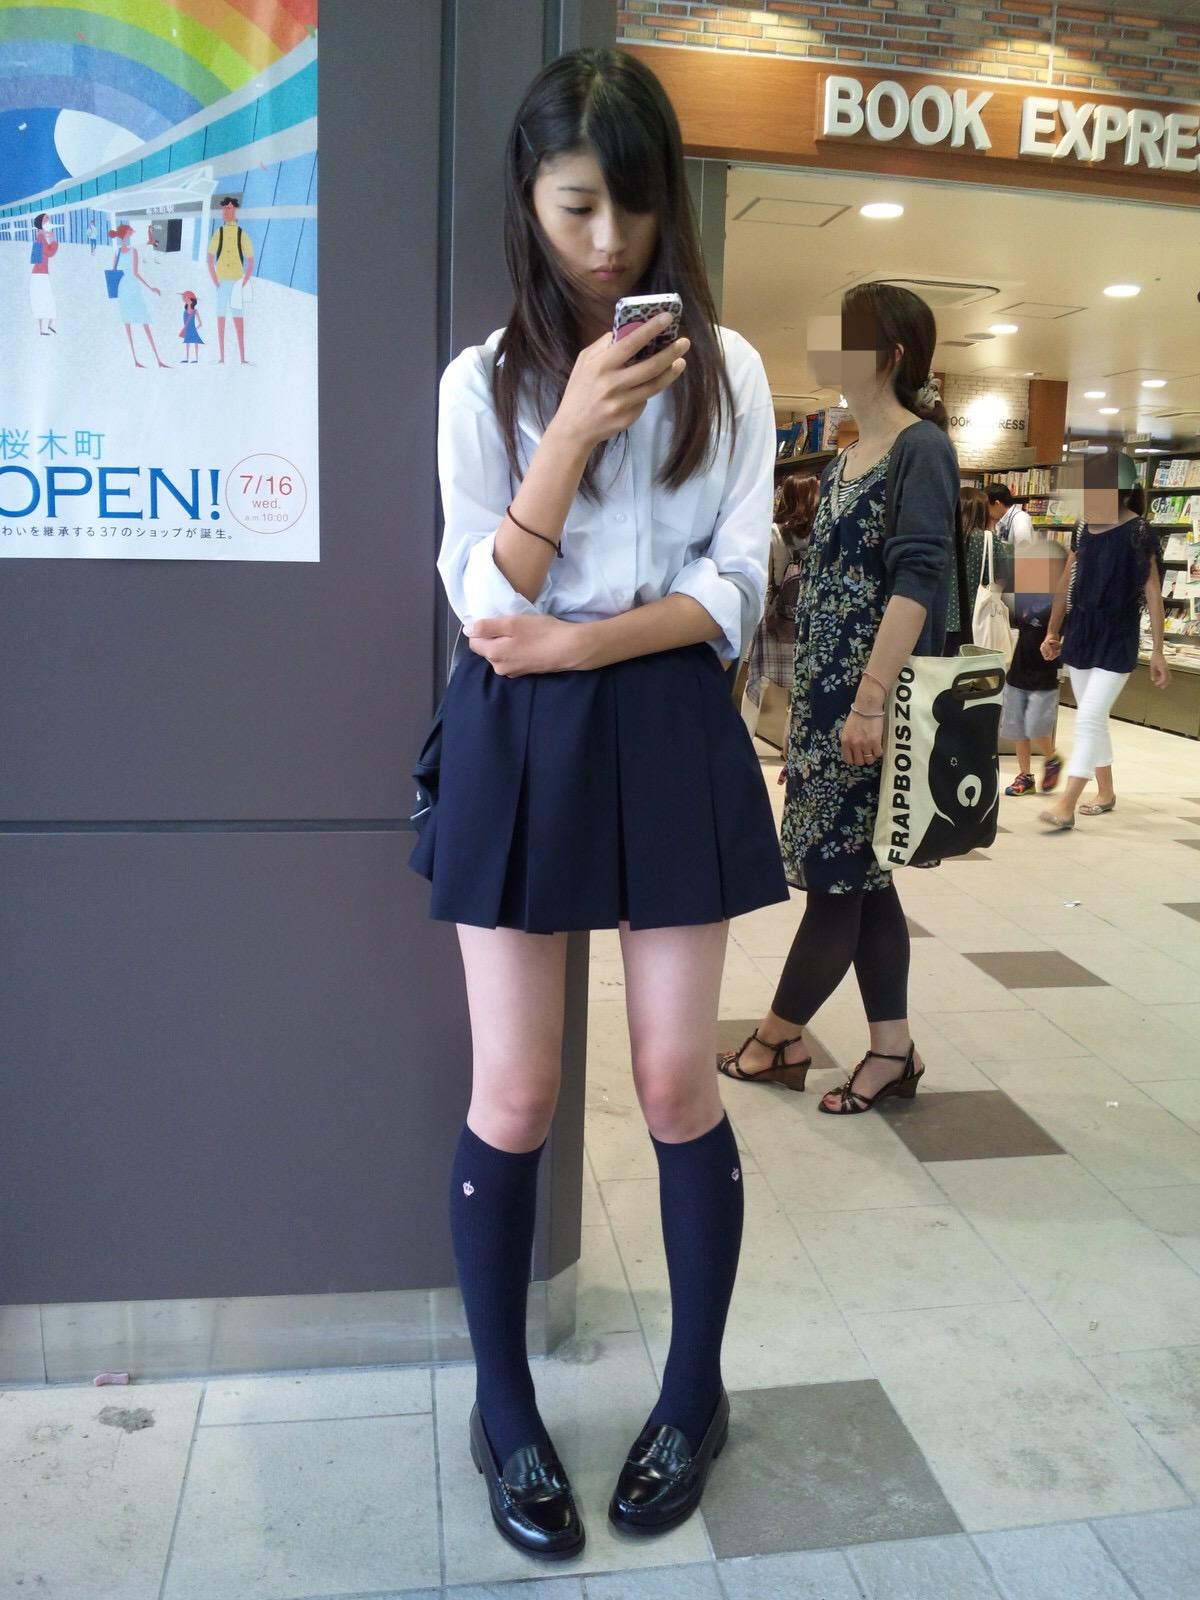 三次元 3次元 エロ画像 街撮り 女子校生 JK べっぴん娘通信 39